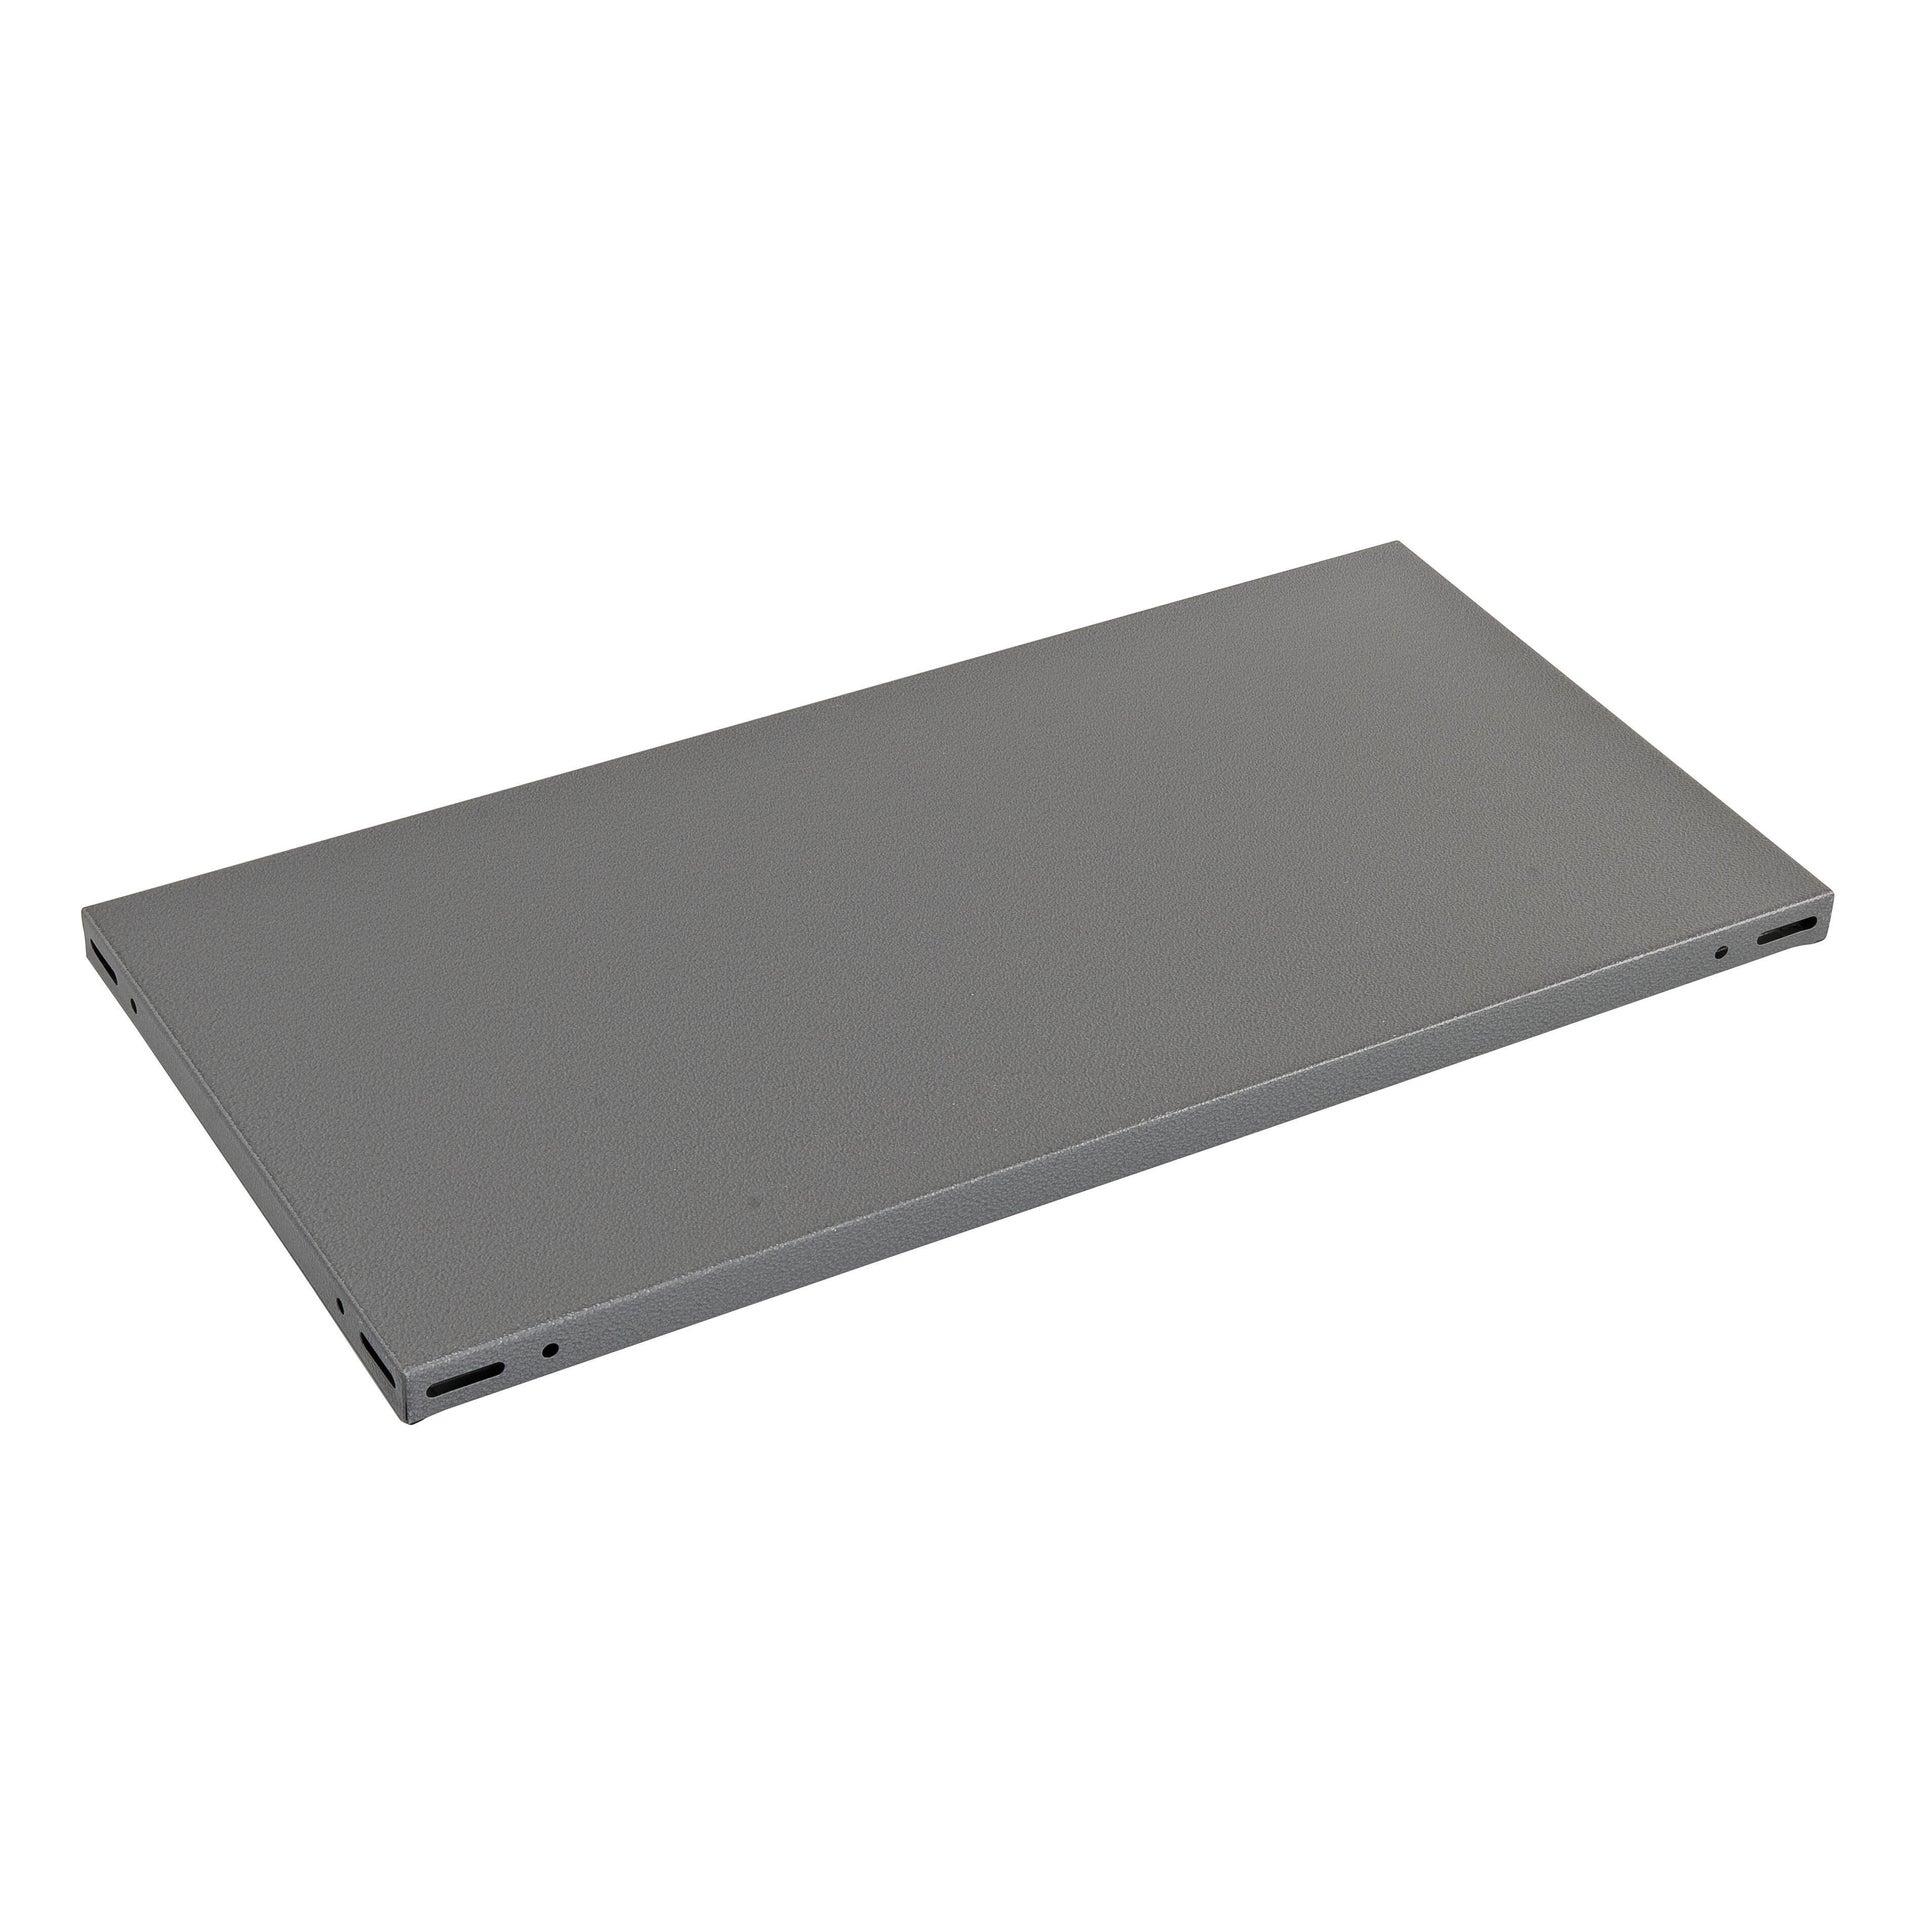 Ripiano L 80 x H 3 x P 40 cm grigio